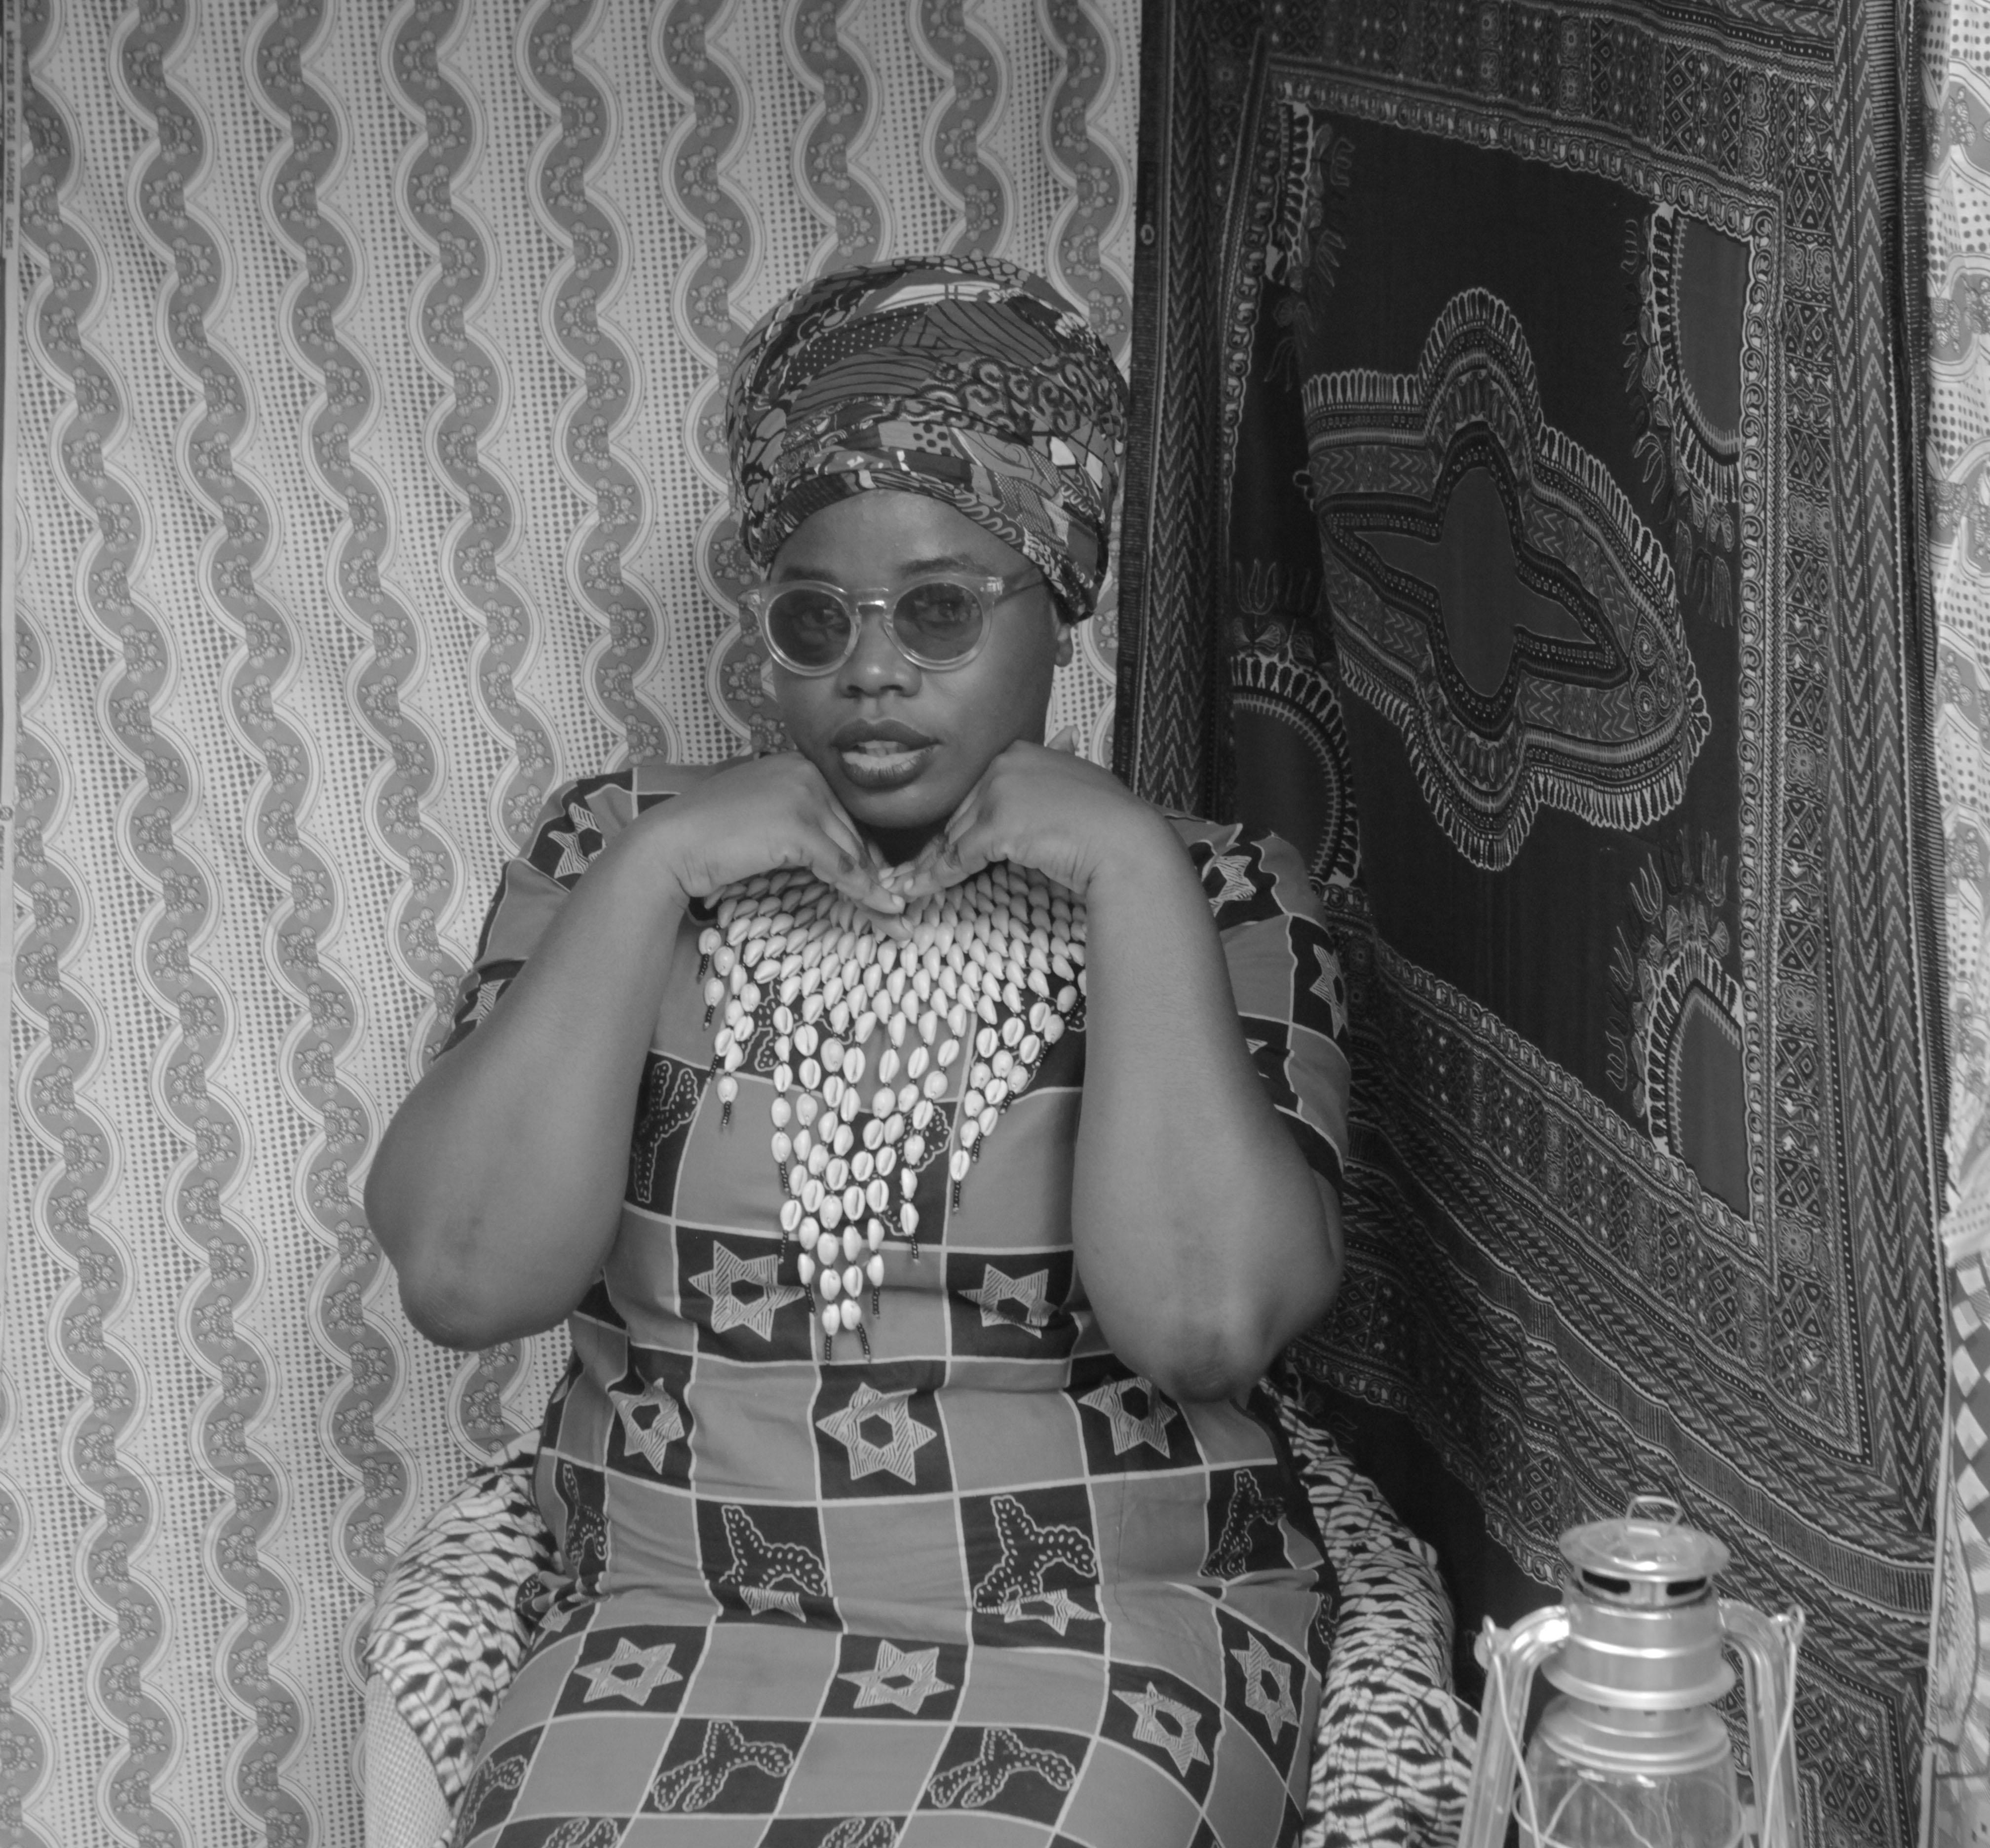 Hommage Photographique à Malick Sidibé